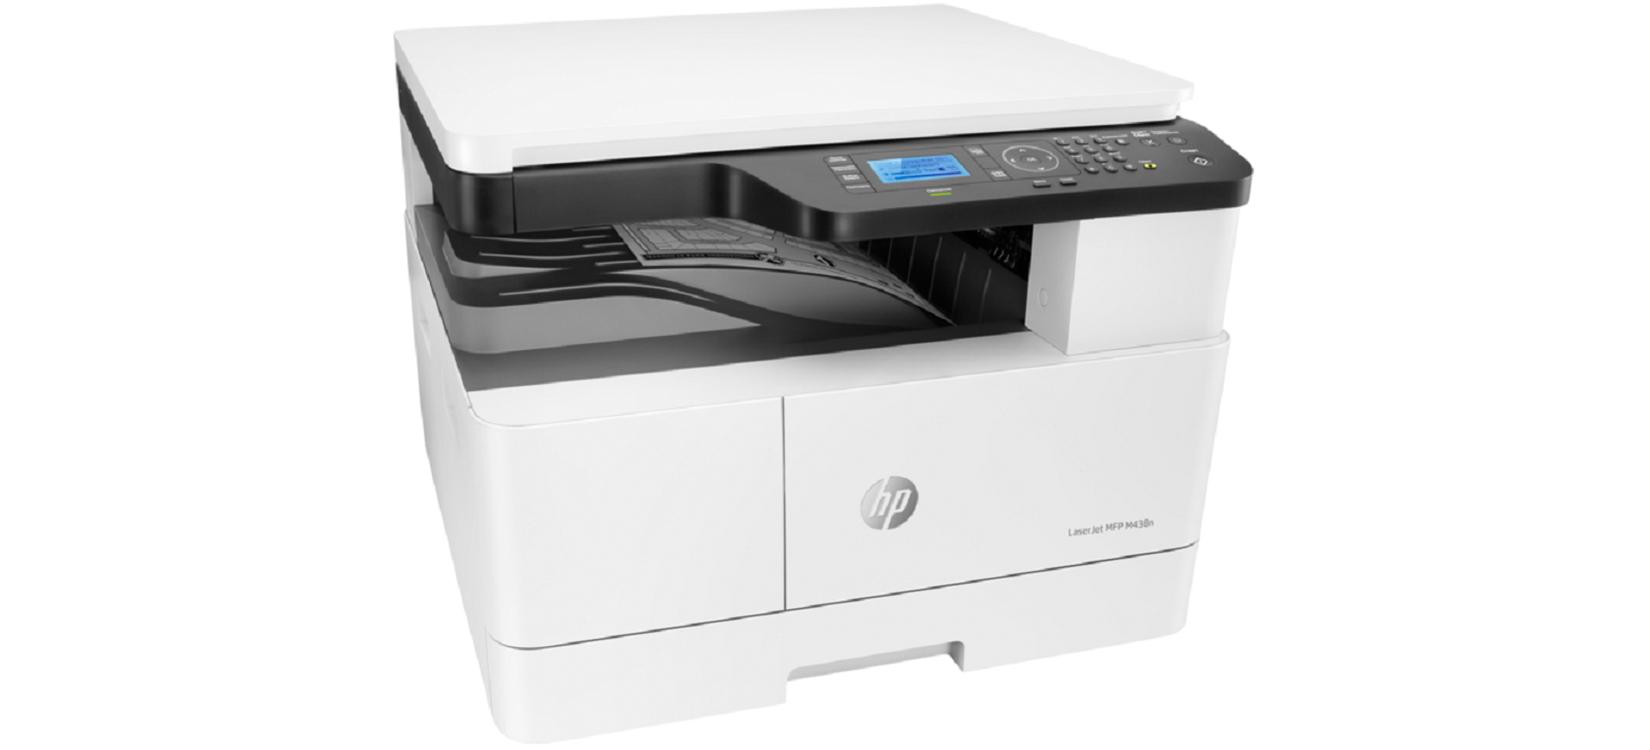 Máy quét HP ScanJet Enterprise Flow N9120 fn2 1